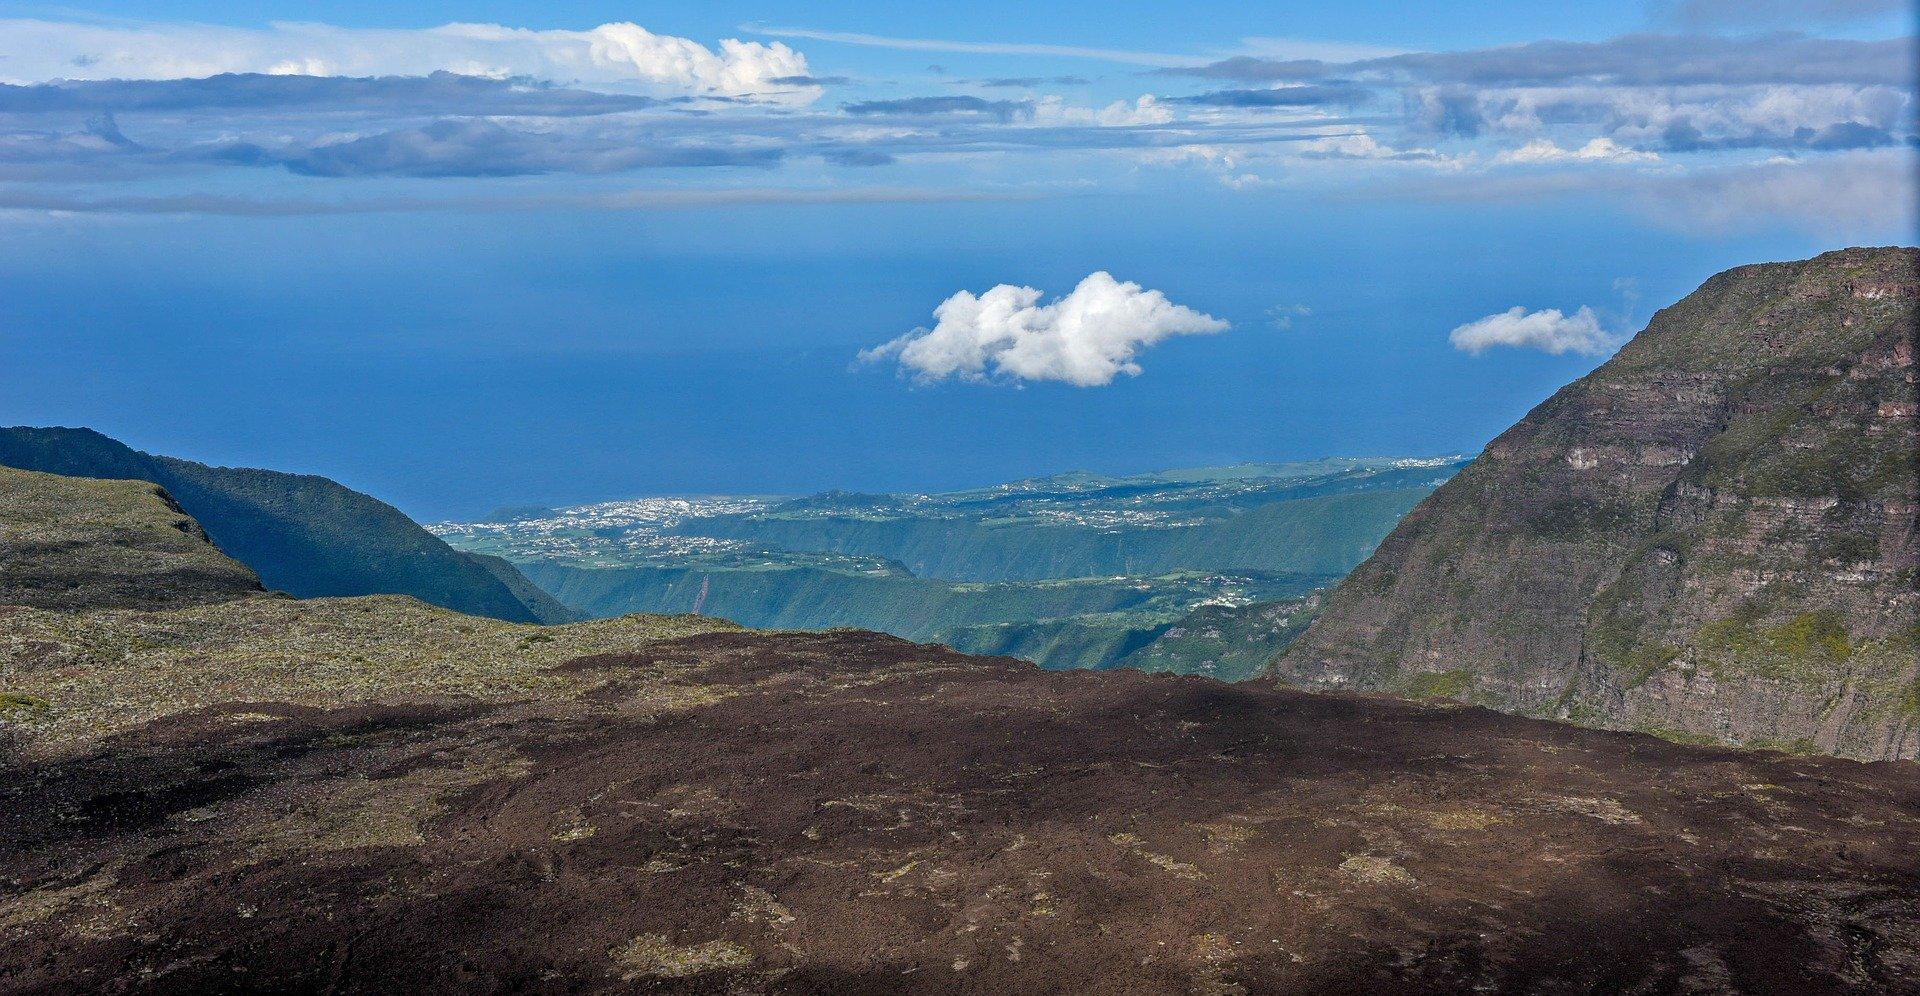 île de la réunion montagne vallée